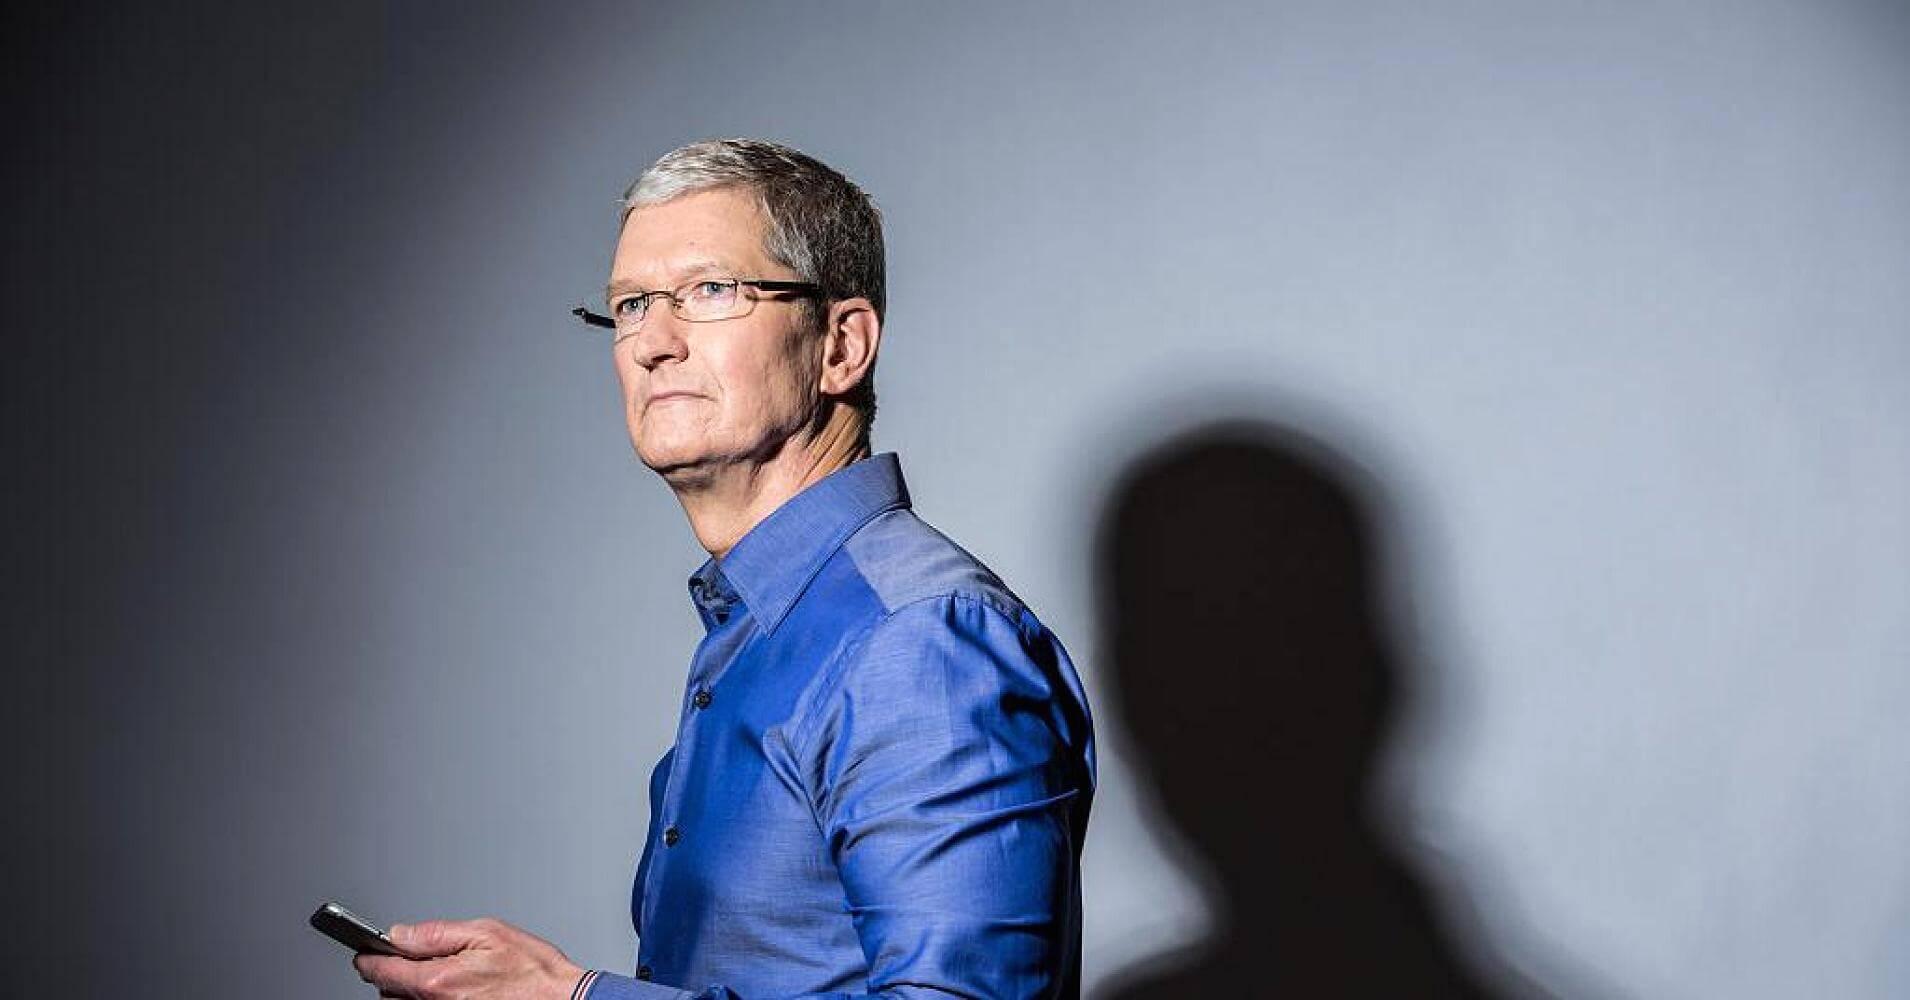 Тім Кук отримає від Apple великий пакет акцій вперше з 2011 року